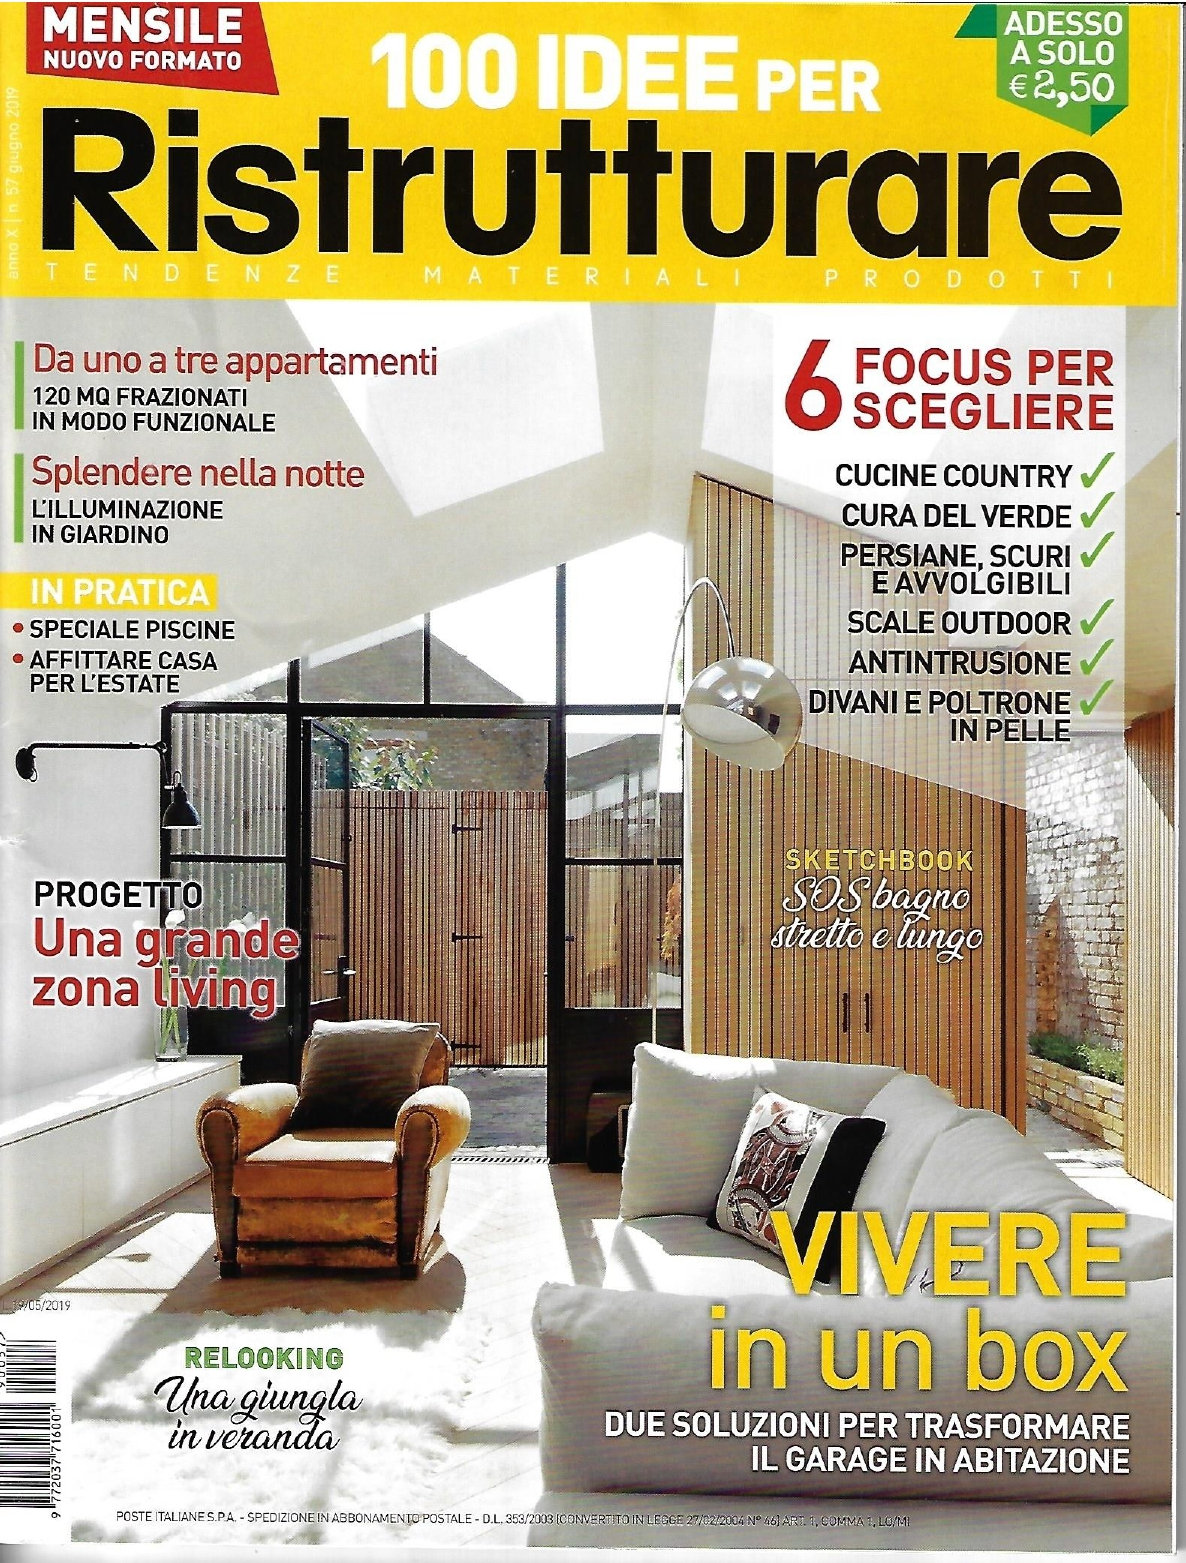 COPERTINA 100 IDEE PER RISTRUTTURARE 06/2019 - Outdoor kitcheno